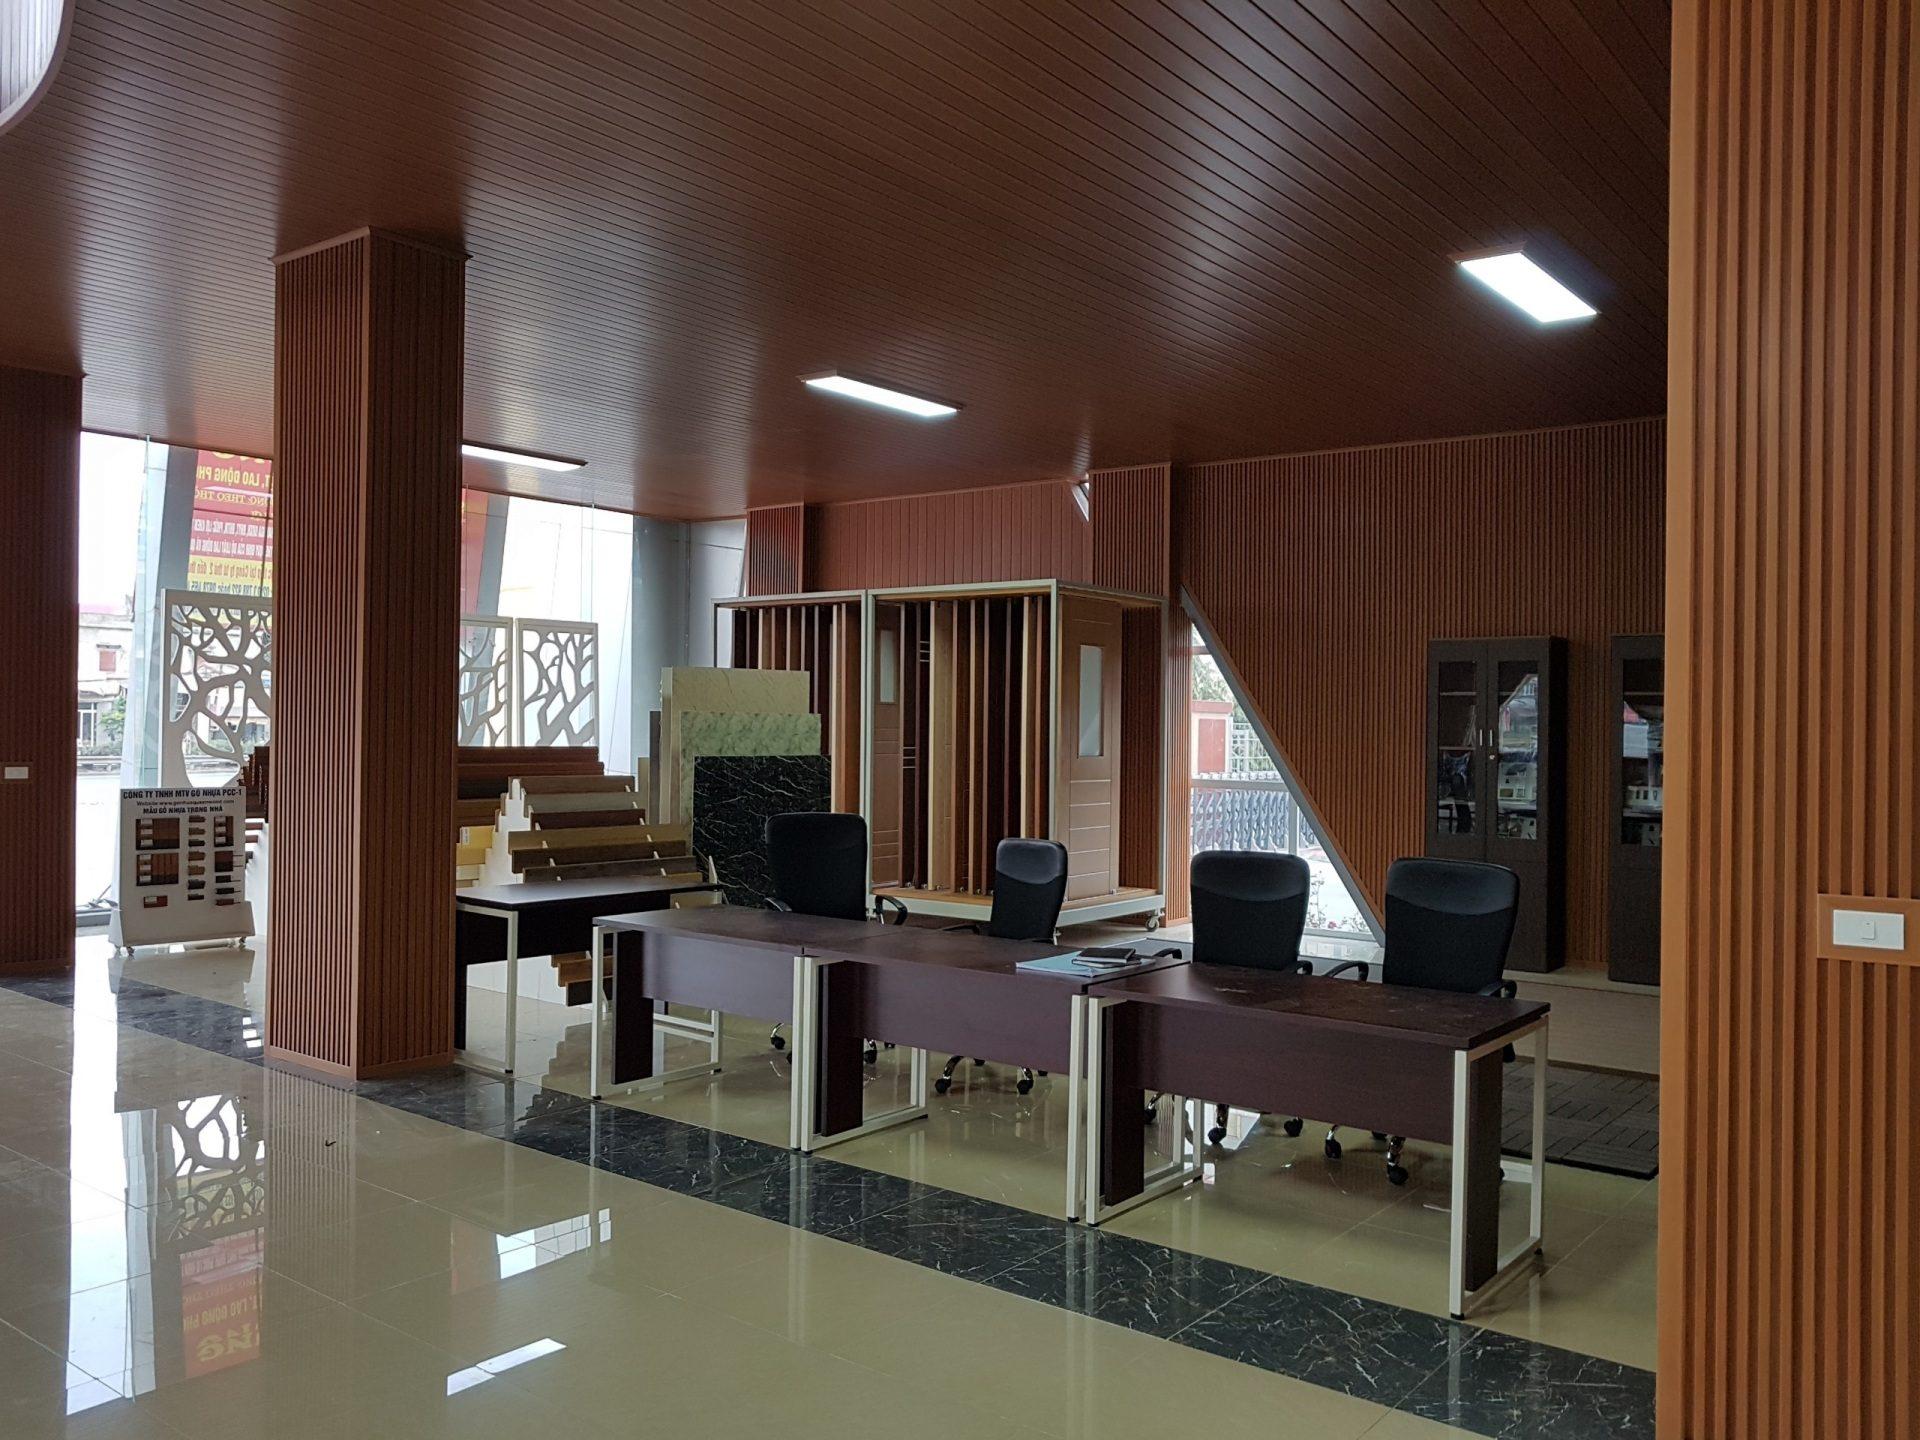 showroom khu vuc lam viec